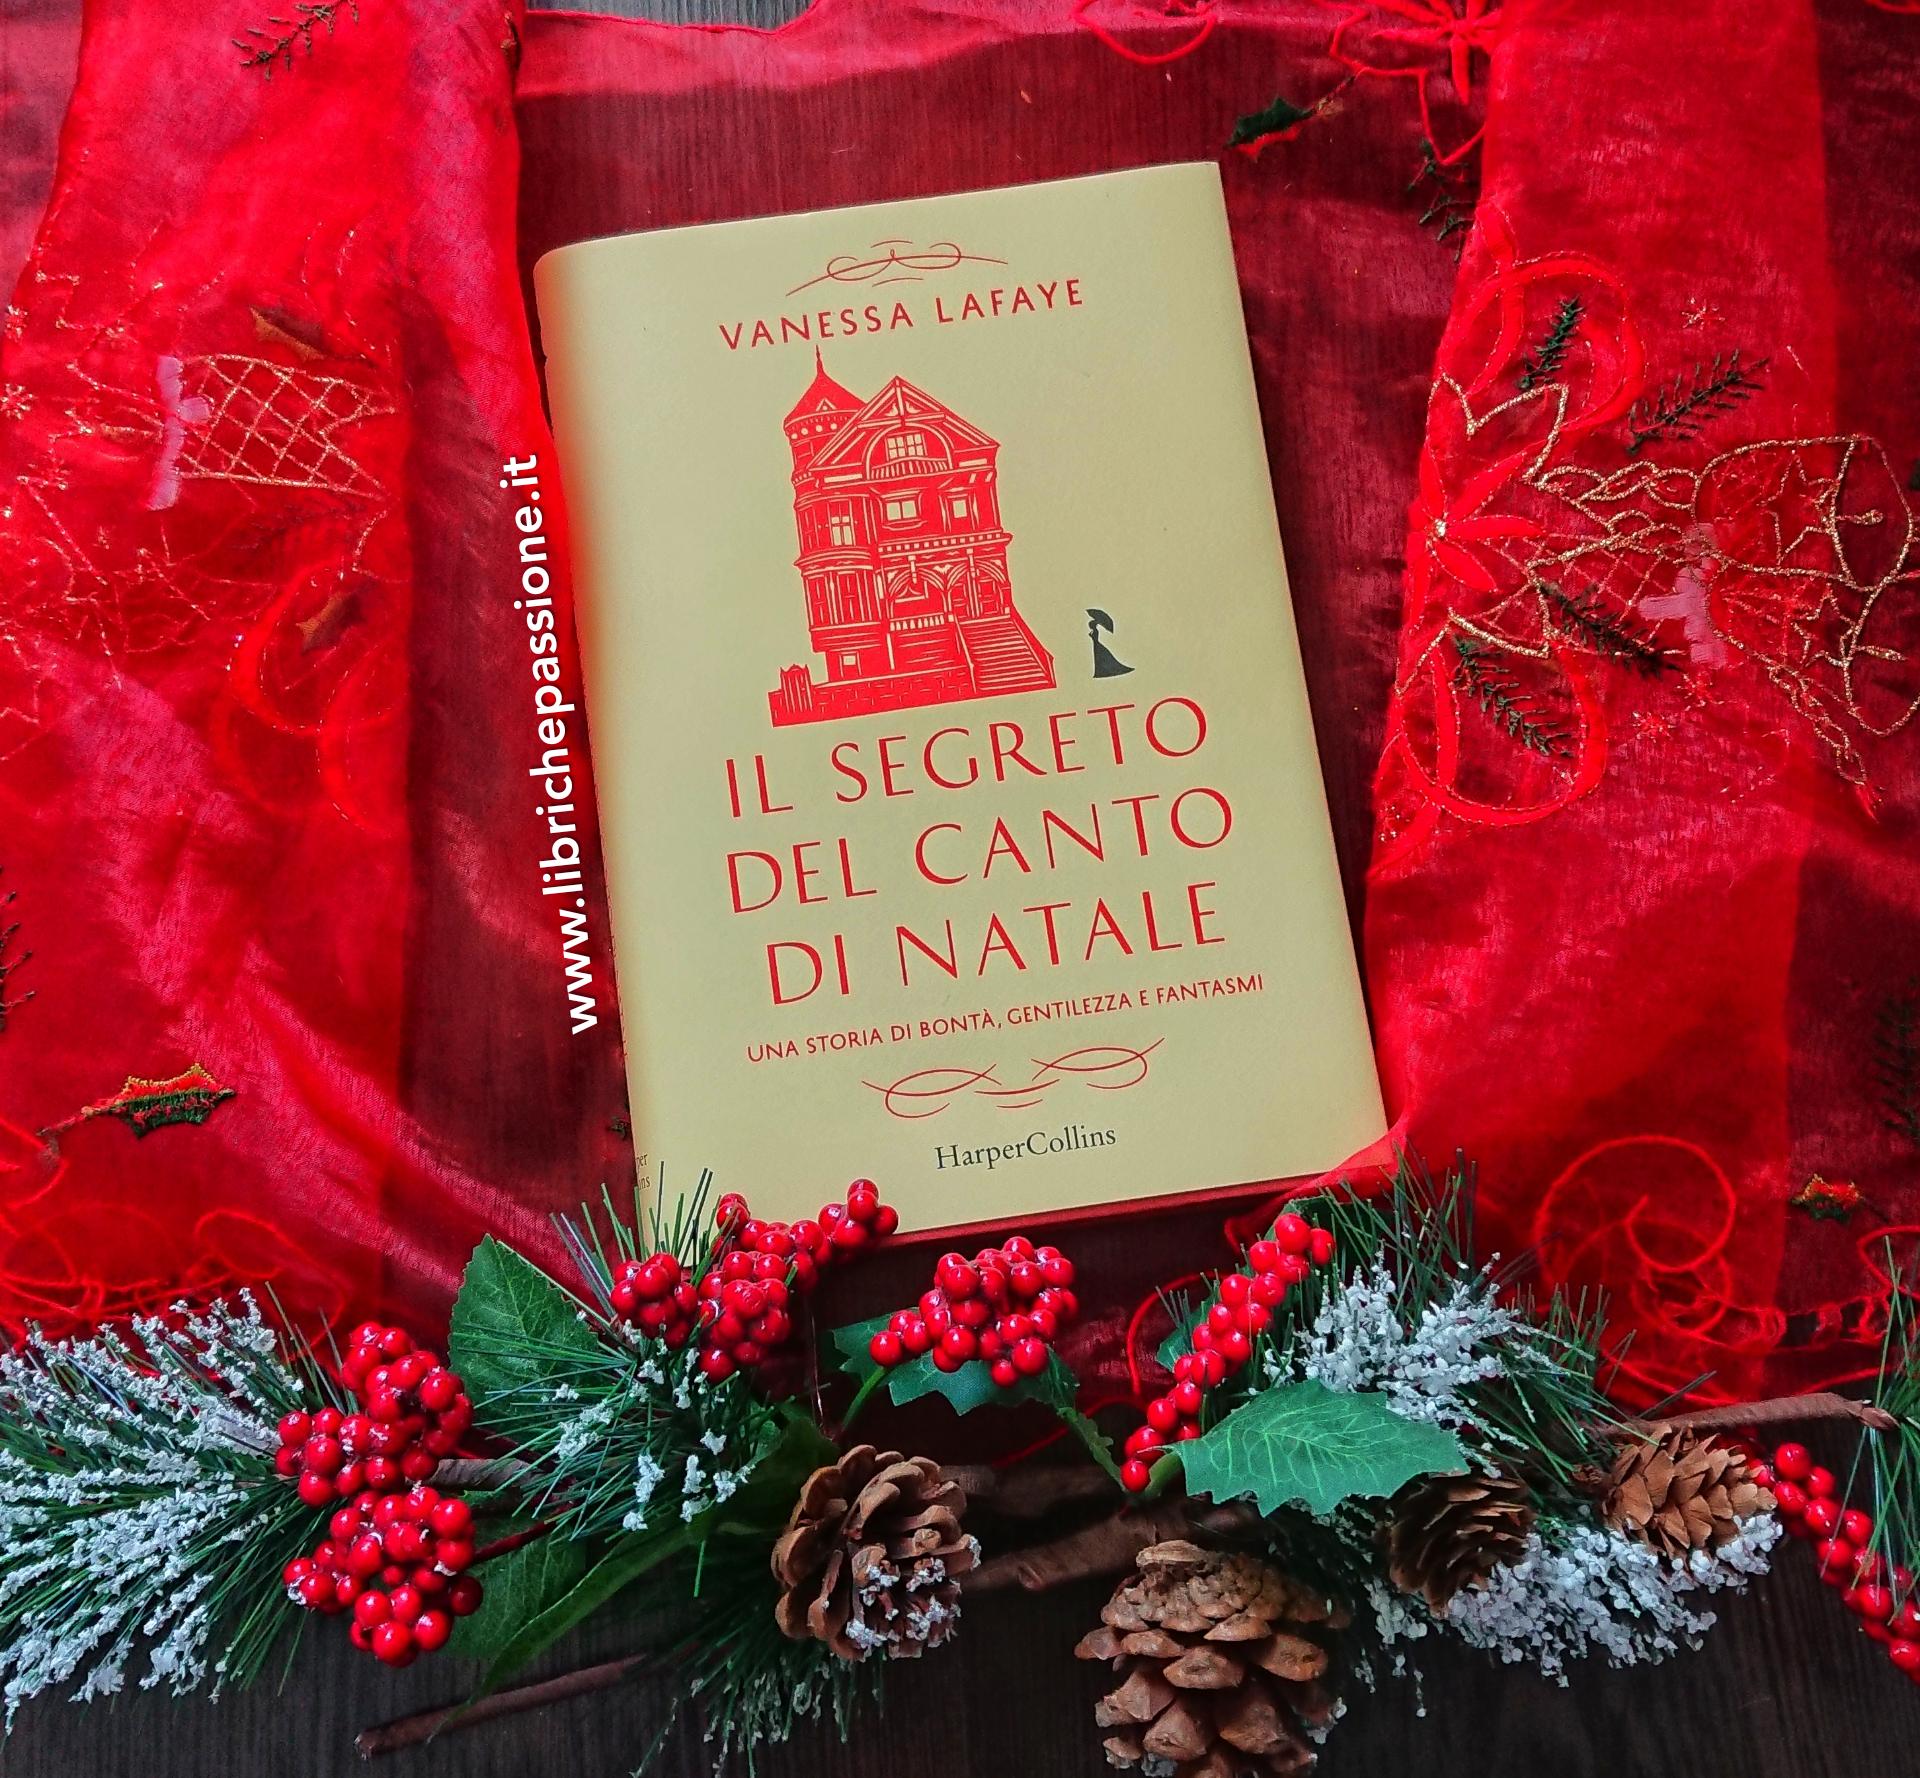 """Recensione del romanzo """"Il segreto del Canto di Natale"""" di Vanessa Lafaye edito da HarperCollins"""